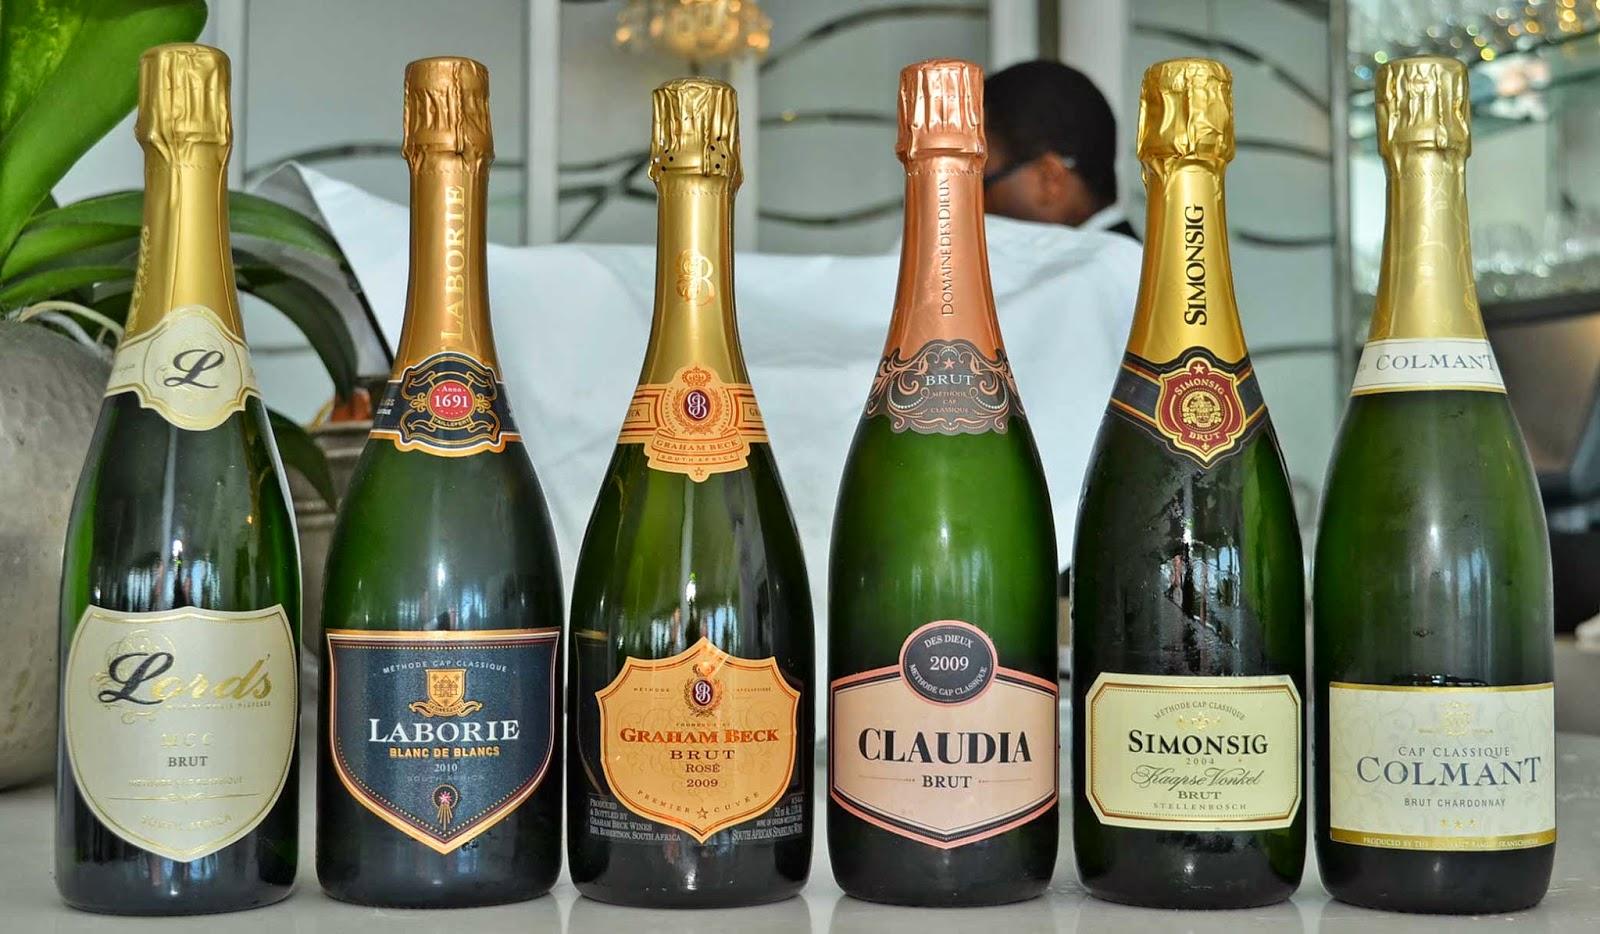 PROVNING med Sydafrikas bästa bubbel: MCC